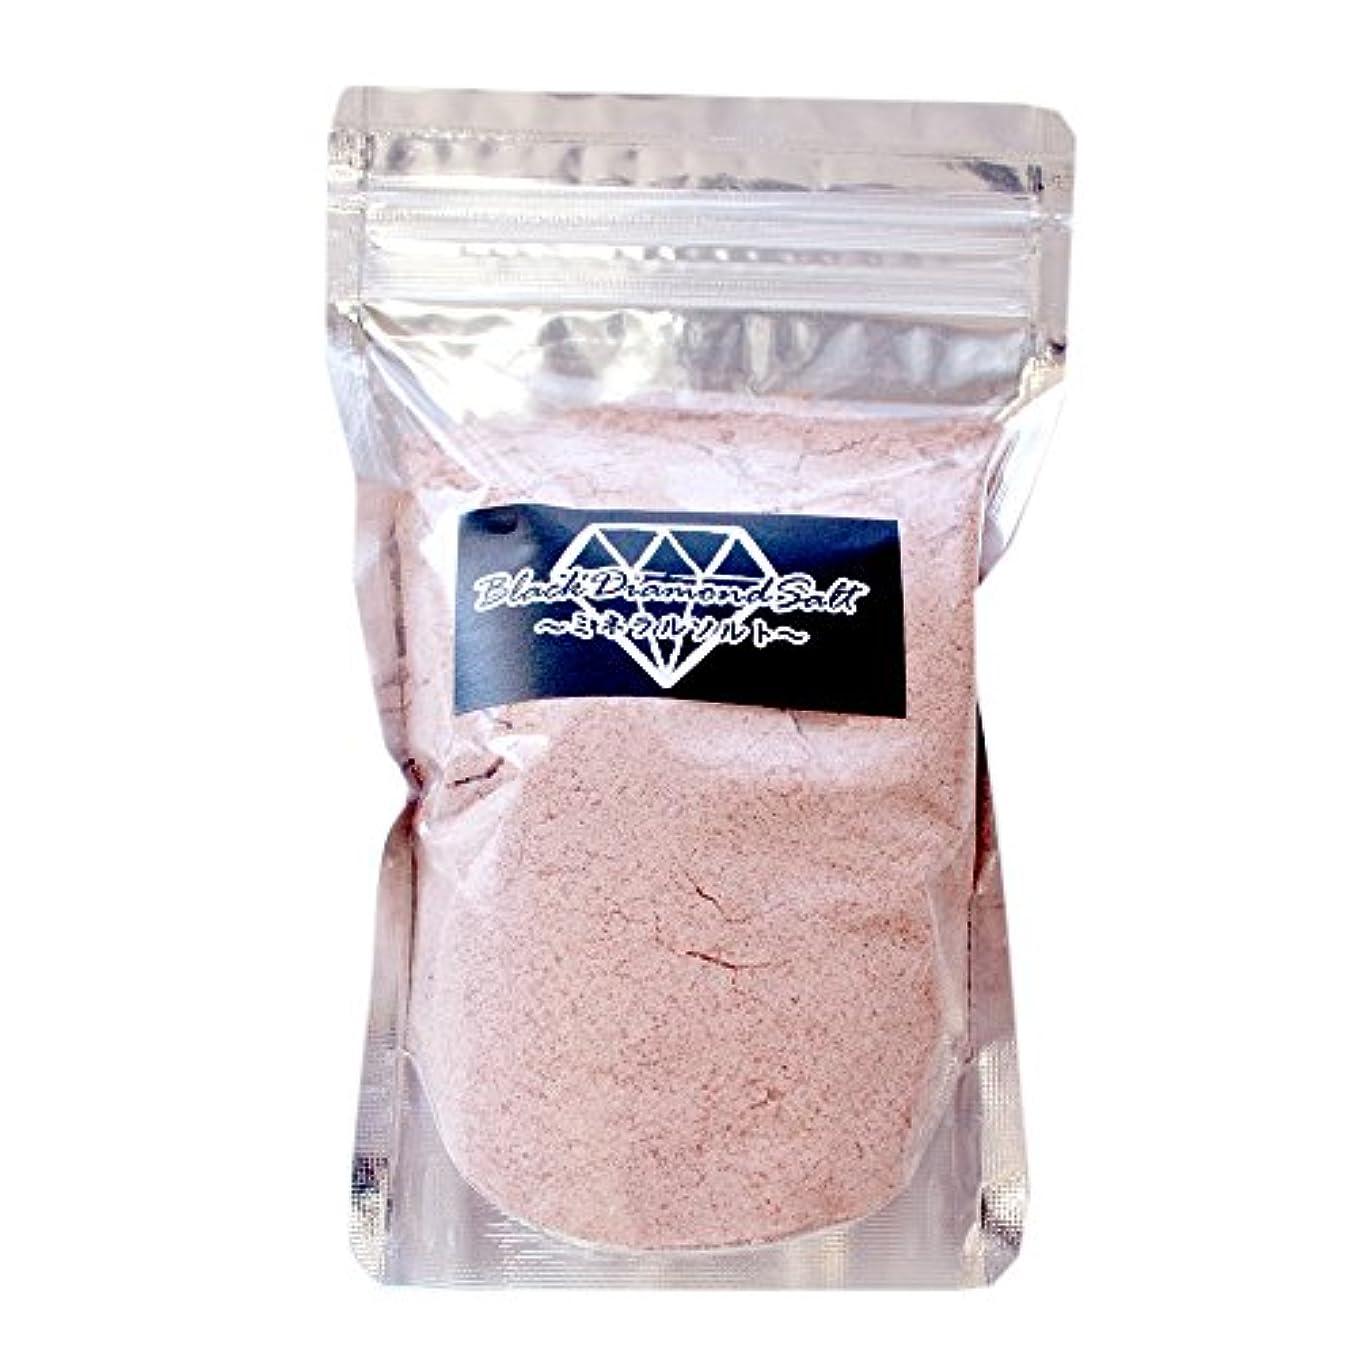 絶妙在庫の間で岩塩風呂 ブラックダイヤソルト岩塩400g(約13回分)